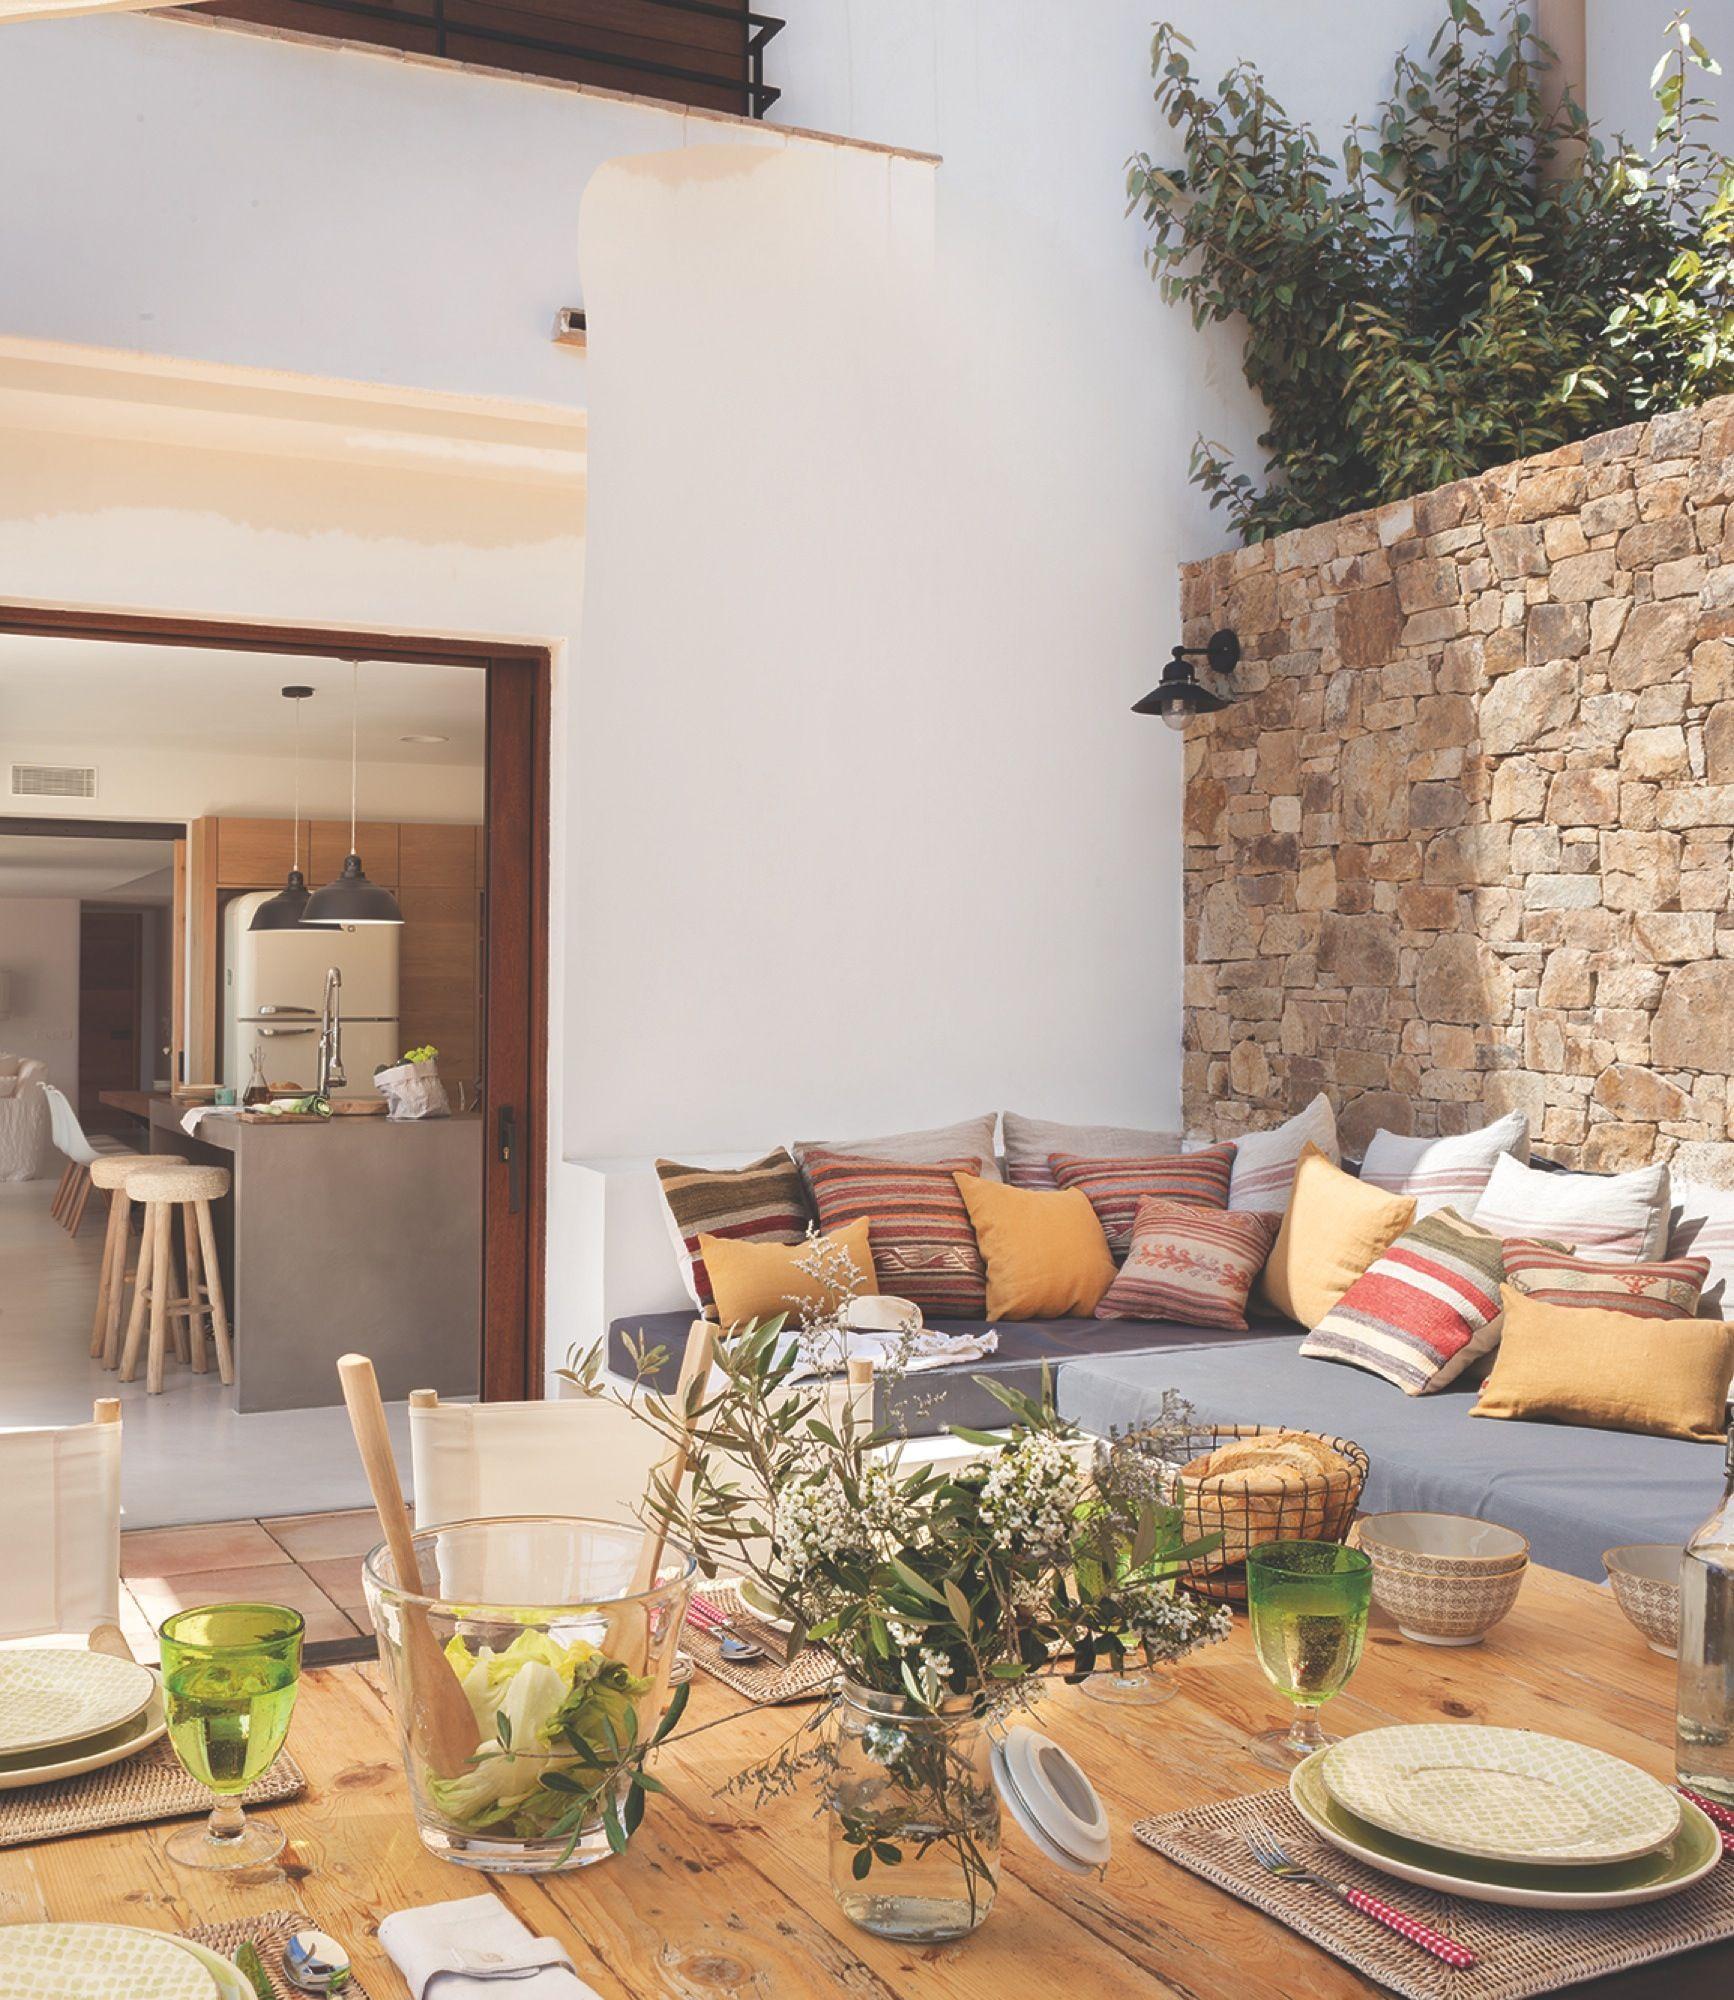 Casa de vacaciones con estilo ibicenco playero y toques de - Patios con estilo ...